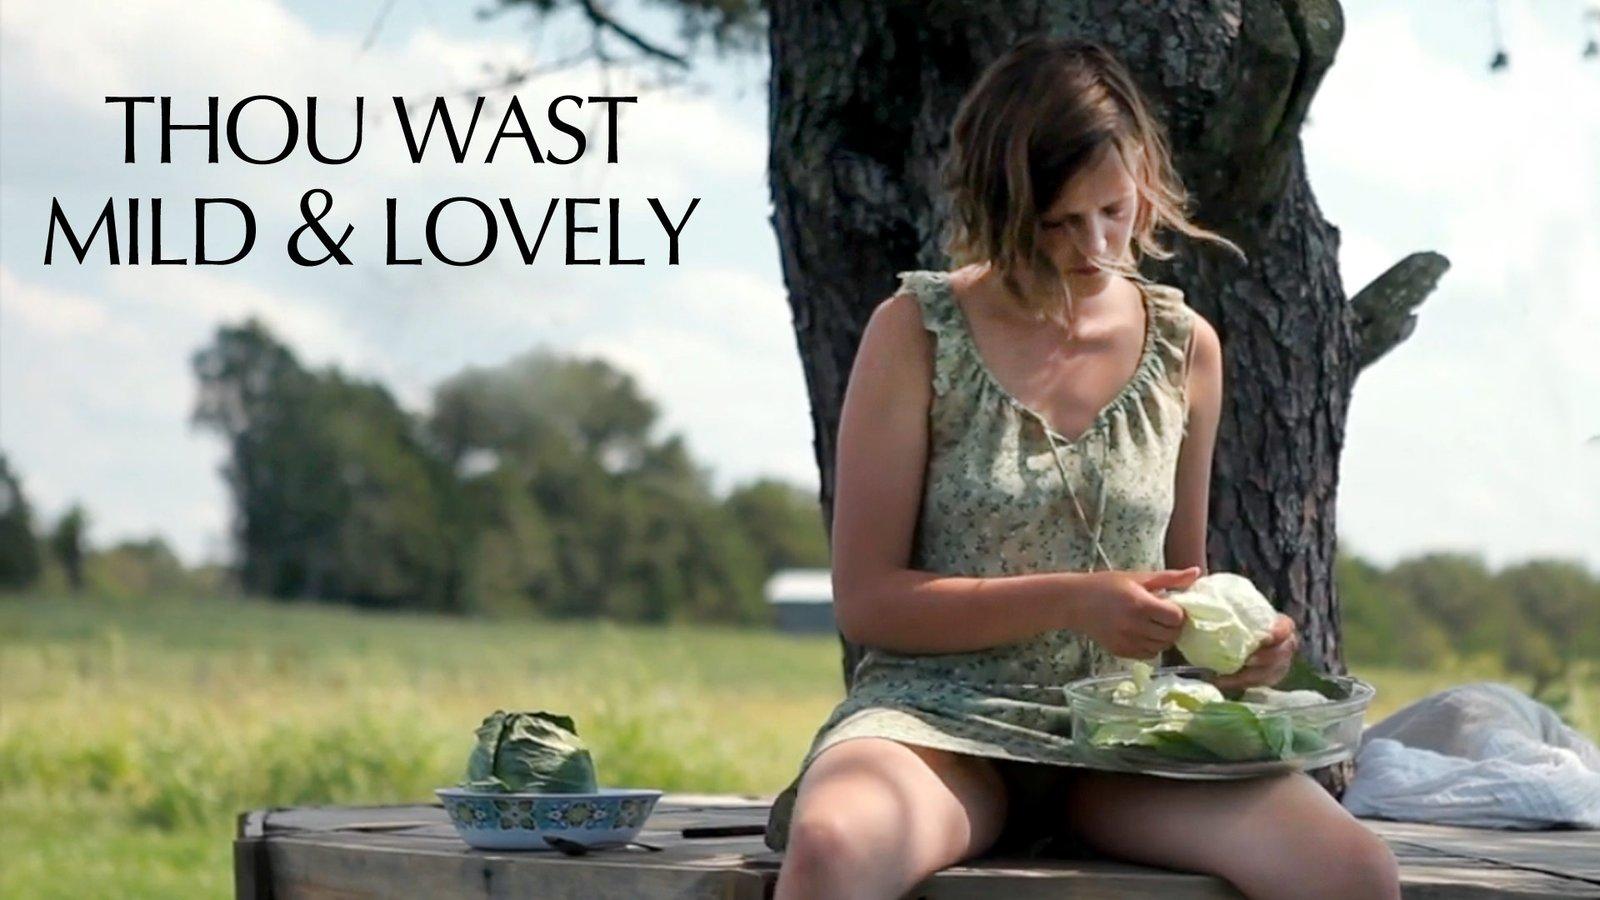 Thou Wast Mild & Lovely